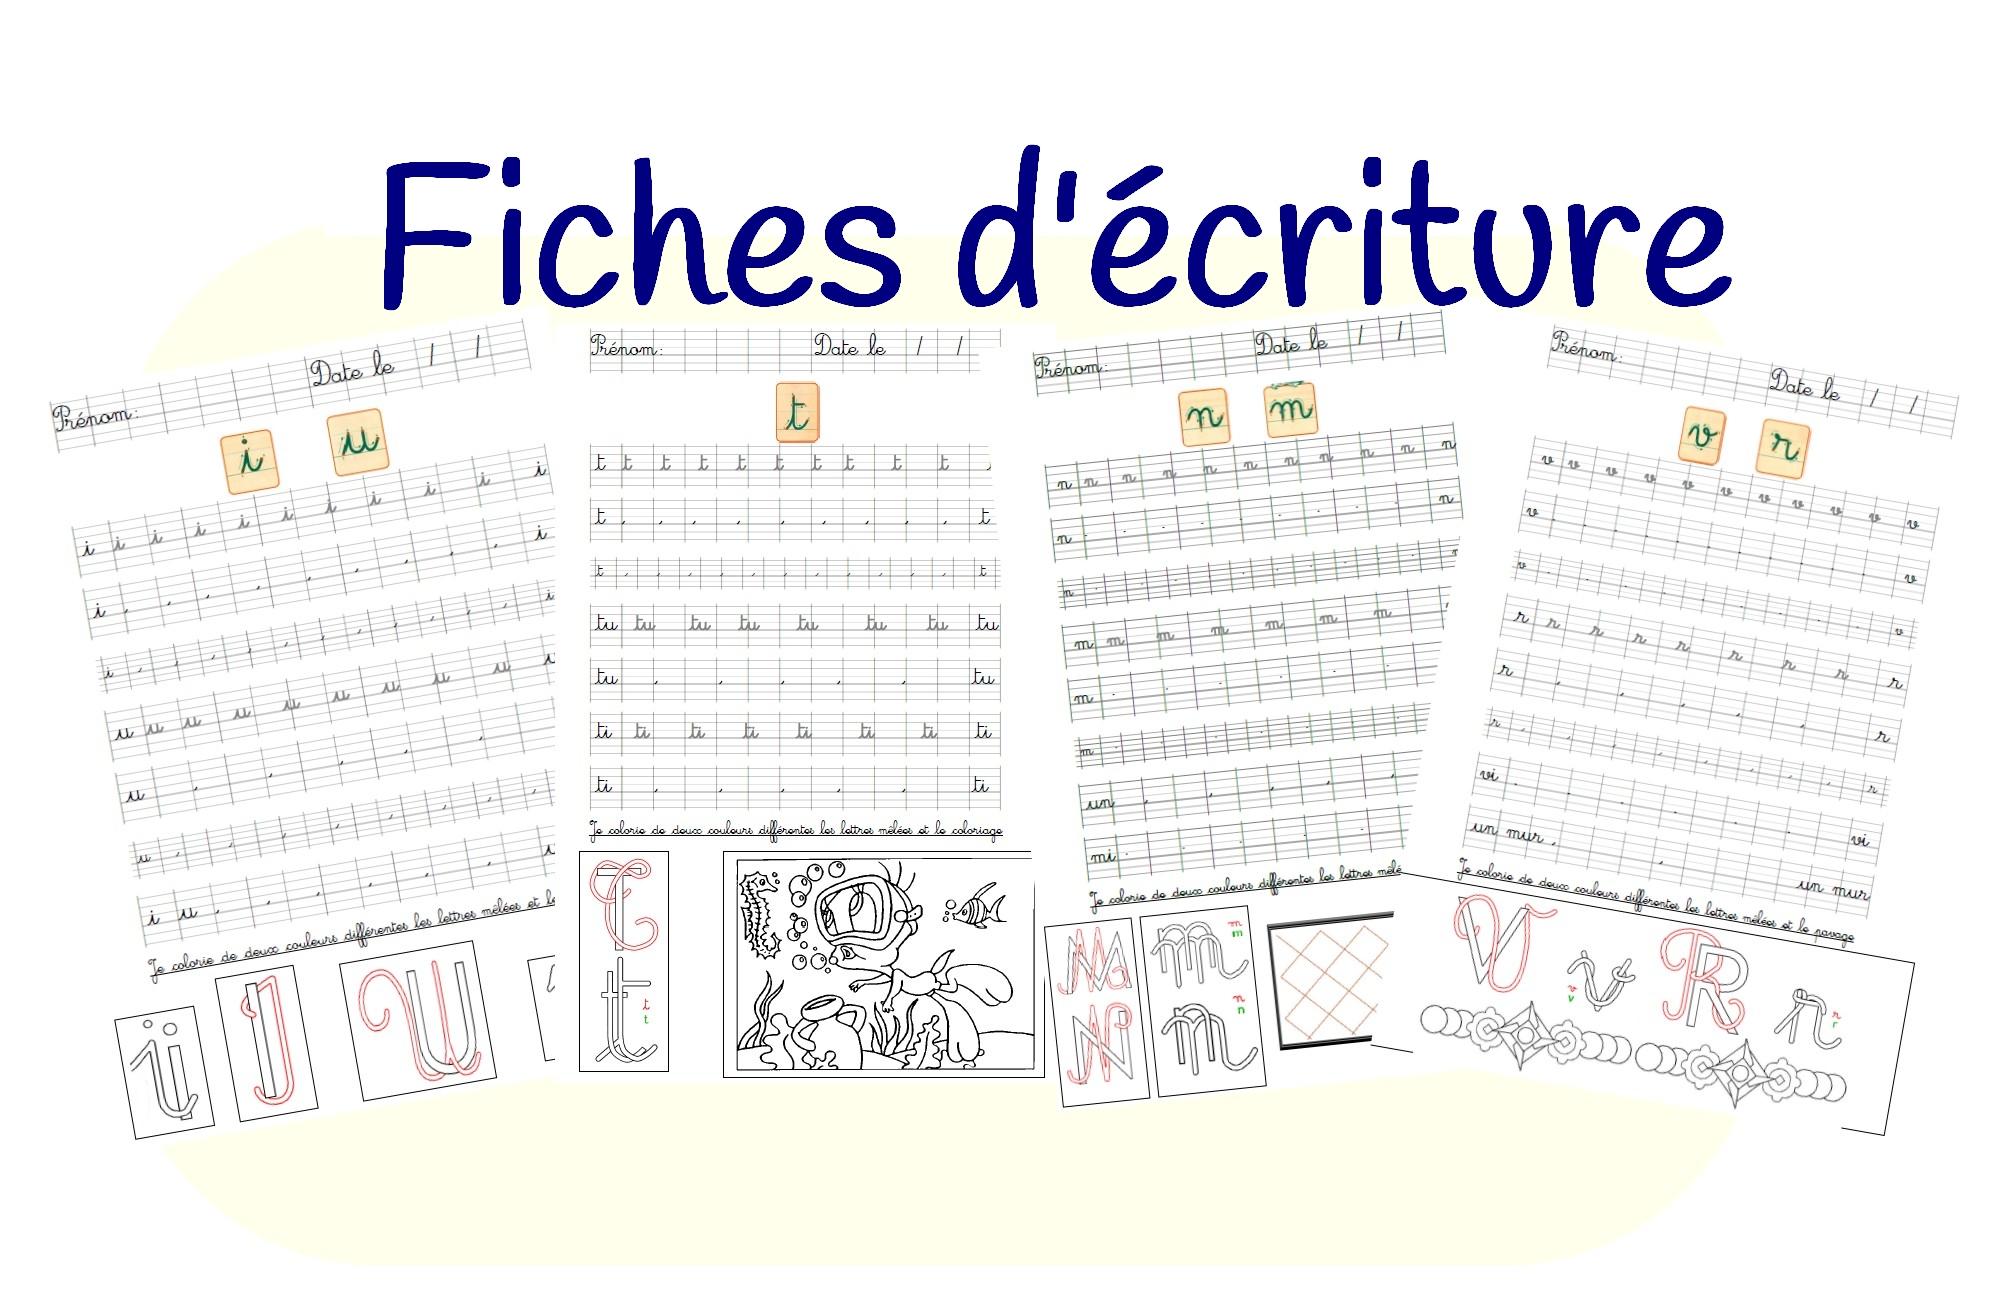 Fiches D'entraînement D'écriture Cursive pour Exercice De Maternelle A Imprimer Gratuit